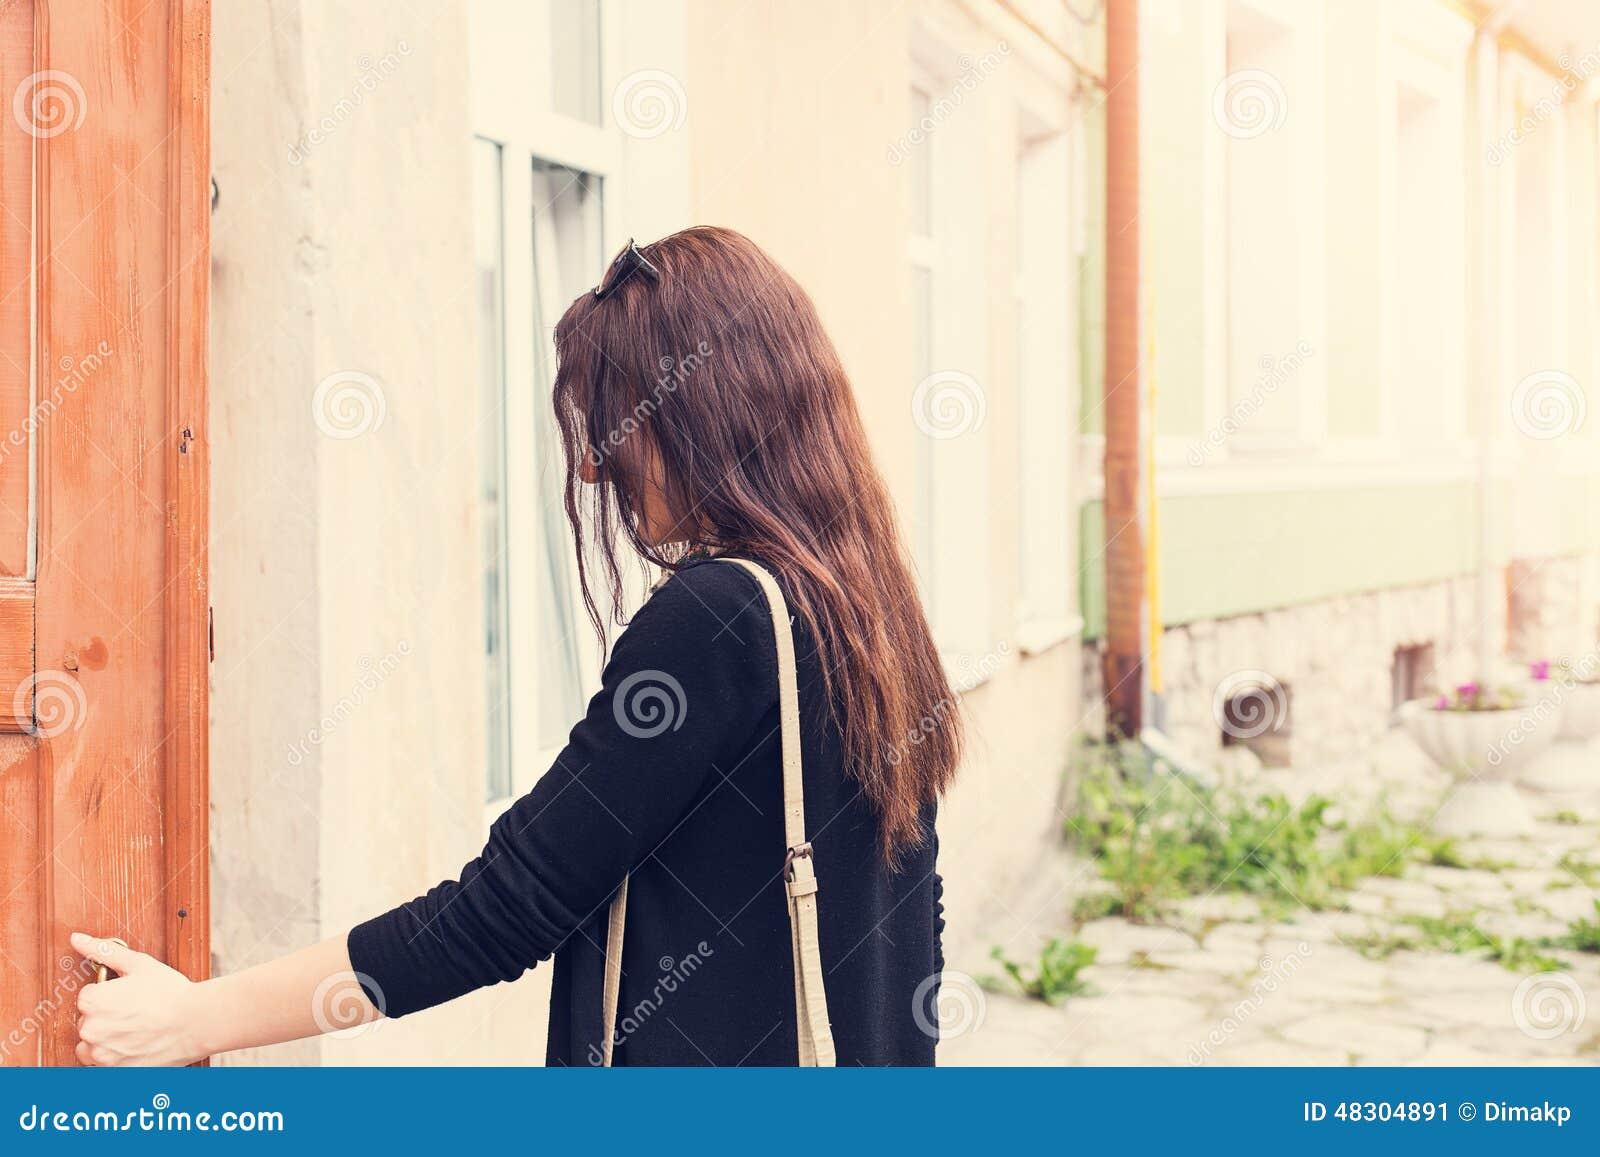 La femme ouvre la porte dehors photo stock image 48304891 for Porte qui s ouvre vers l exterieur